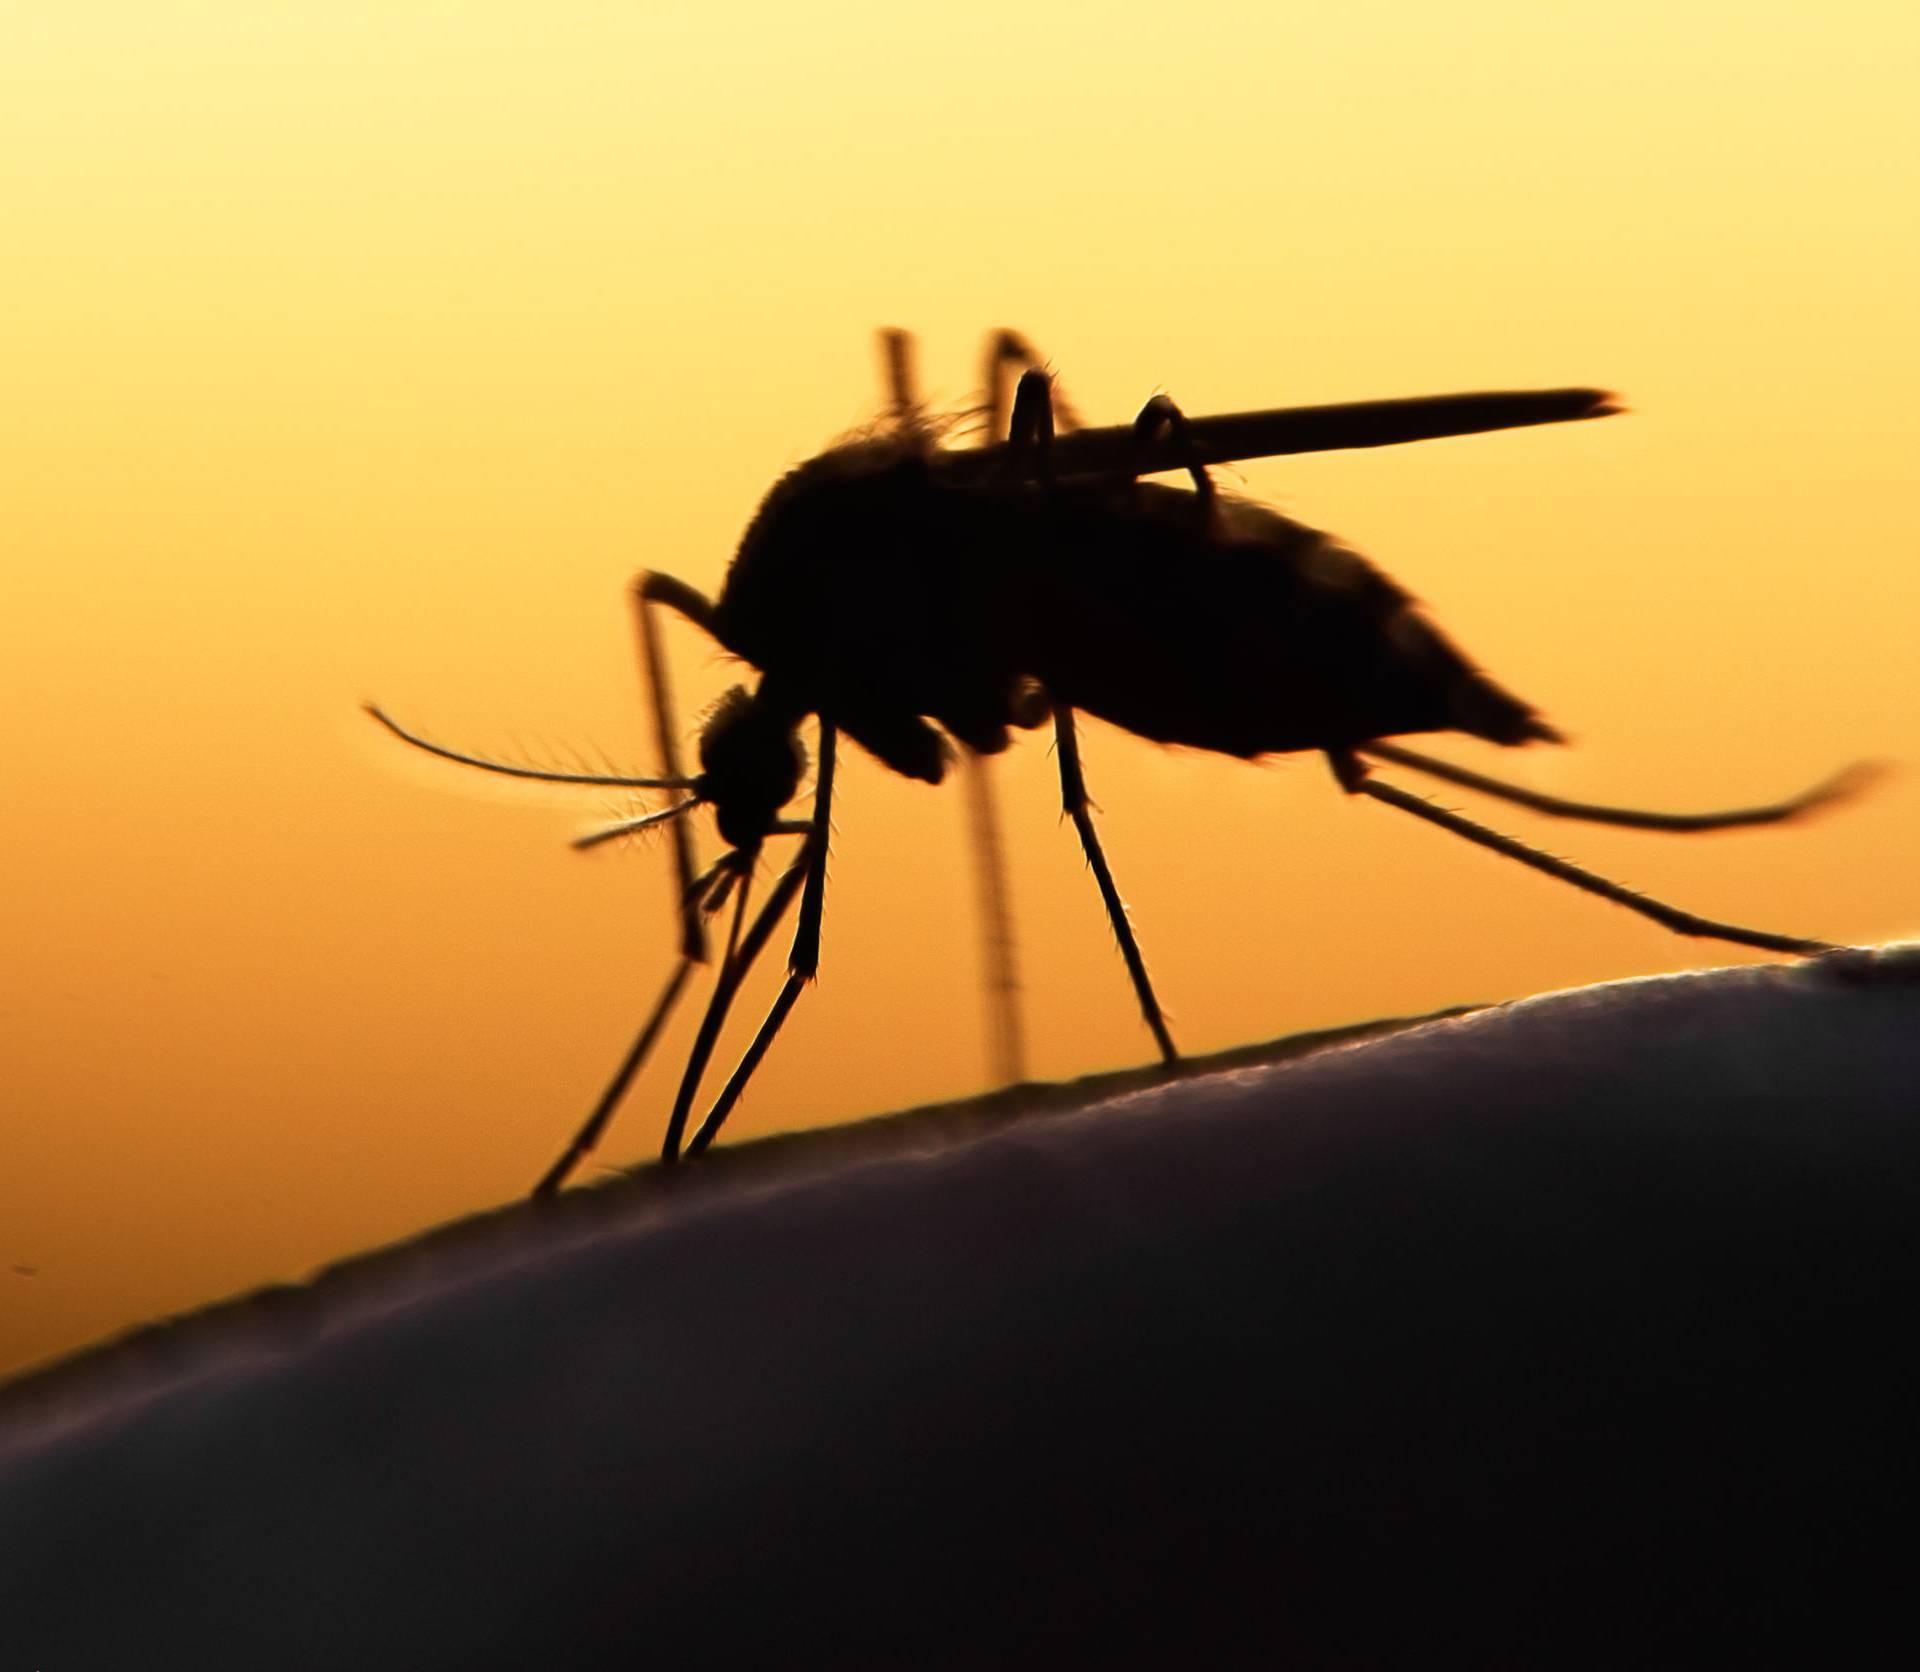 Sezona komaraca počinje: Neke ljude zbilja 'obožavaju' dok nekima ne prilaze cijelo ljeto